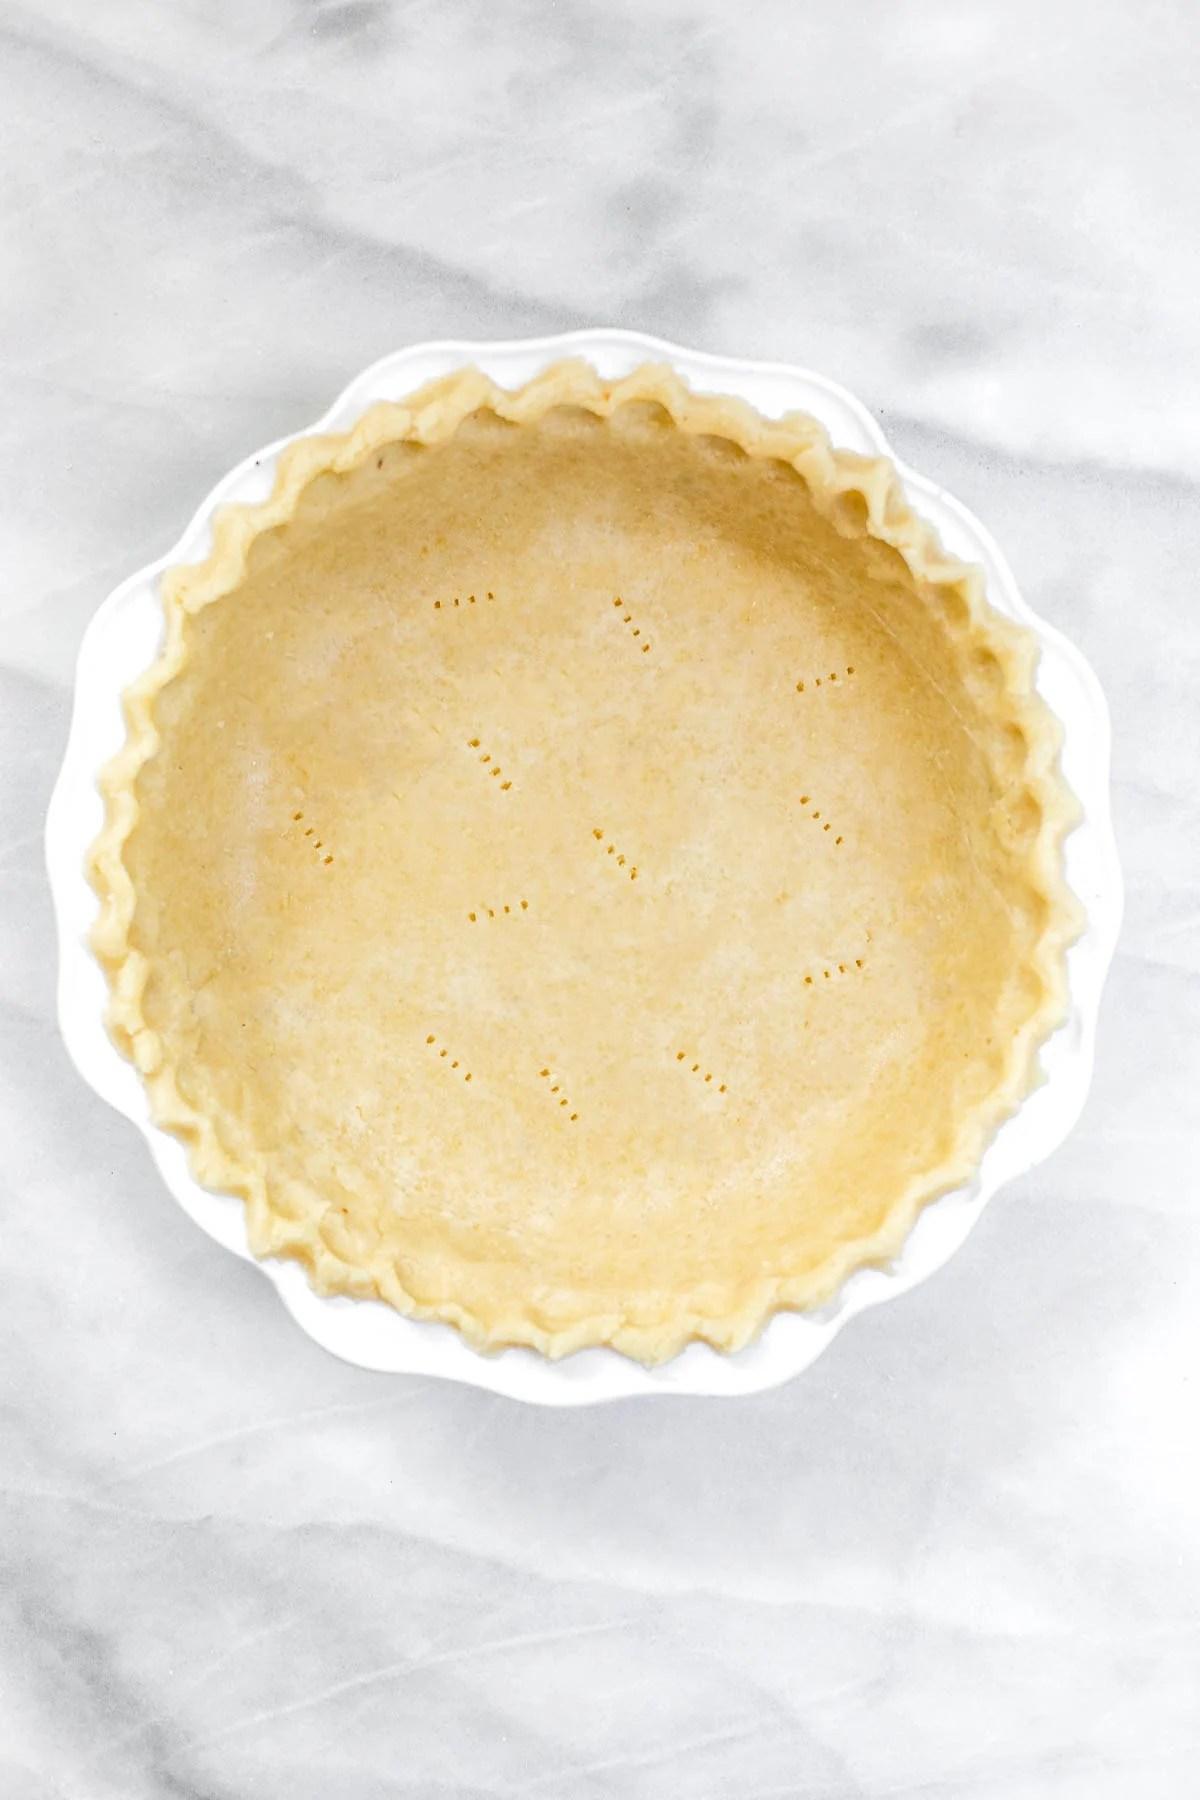 Final gluten free pie crust in a white plate.